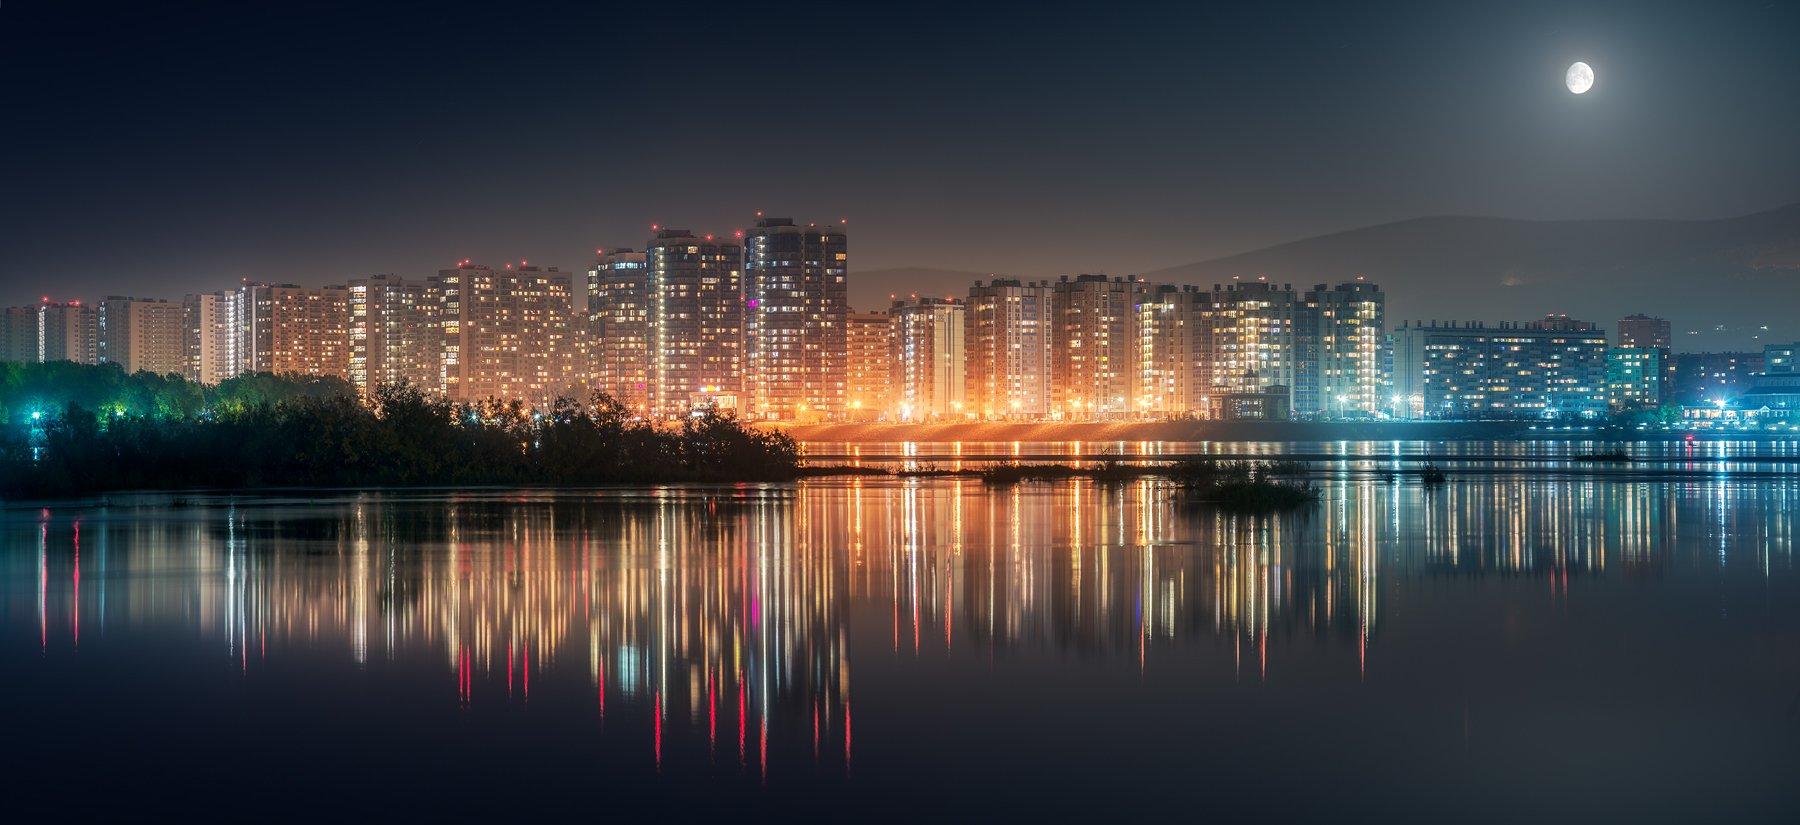 пейзаж, город, архитектура, микрорайон, здание, район, река, вода, отражение, огни, свет, луна, ночь, панорама, фонари, деревья, блики, светится, горы, широкий, большой, высокий, красноярск, сибирь, енисей, Дмитрий Антипов